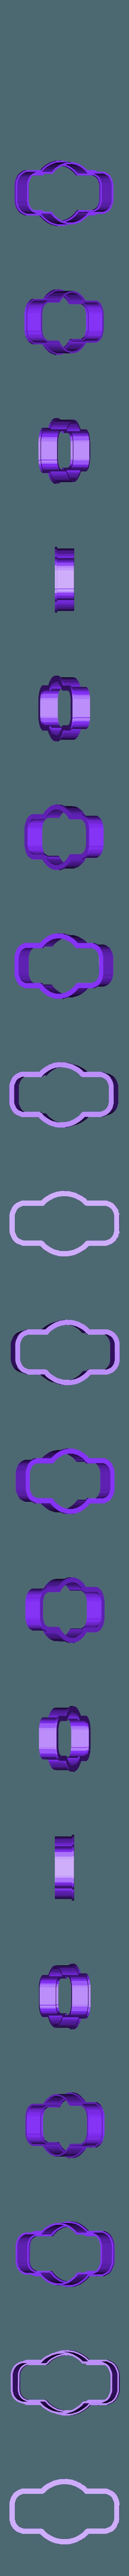 marco 6.stl Download STL file Vintage Frame cookie cutter set • 3D printer design, davidruizo